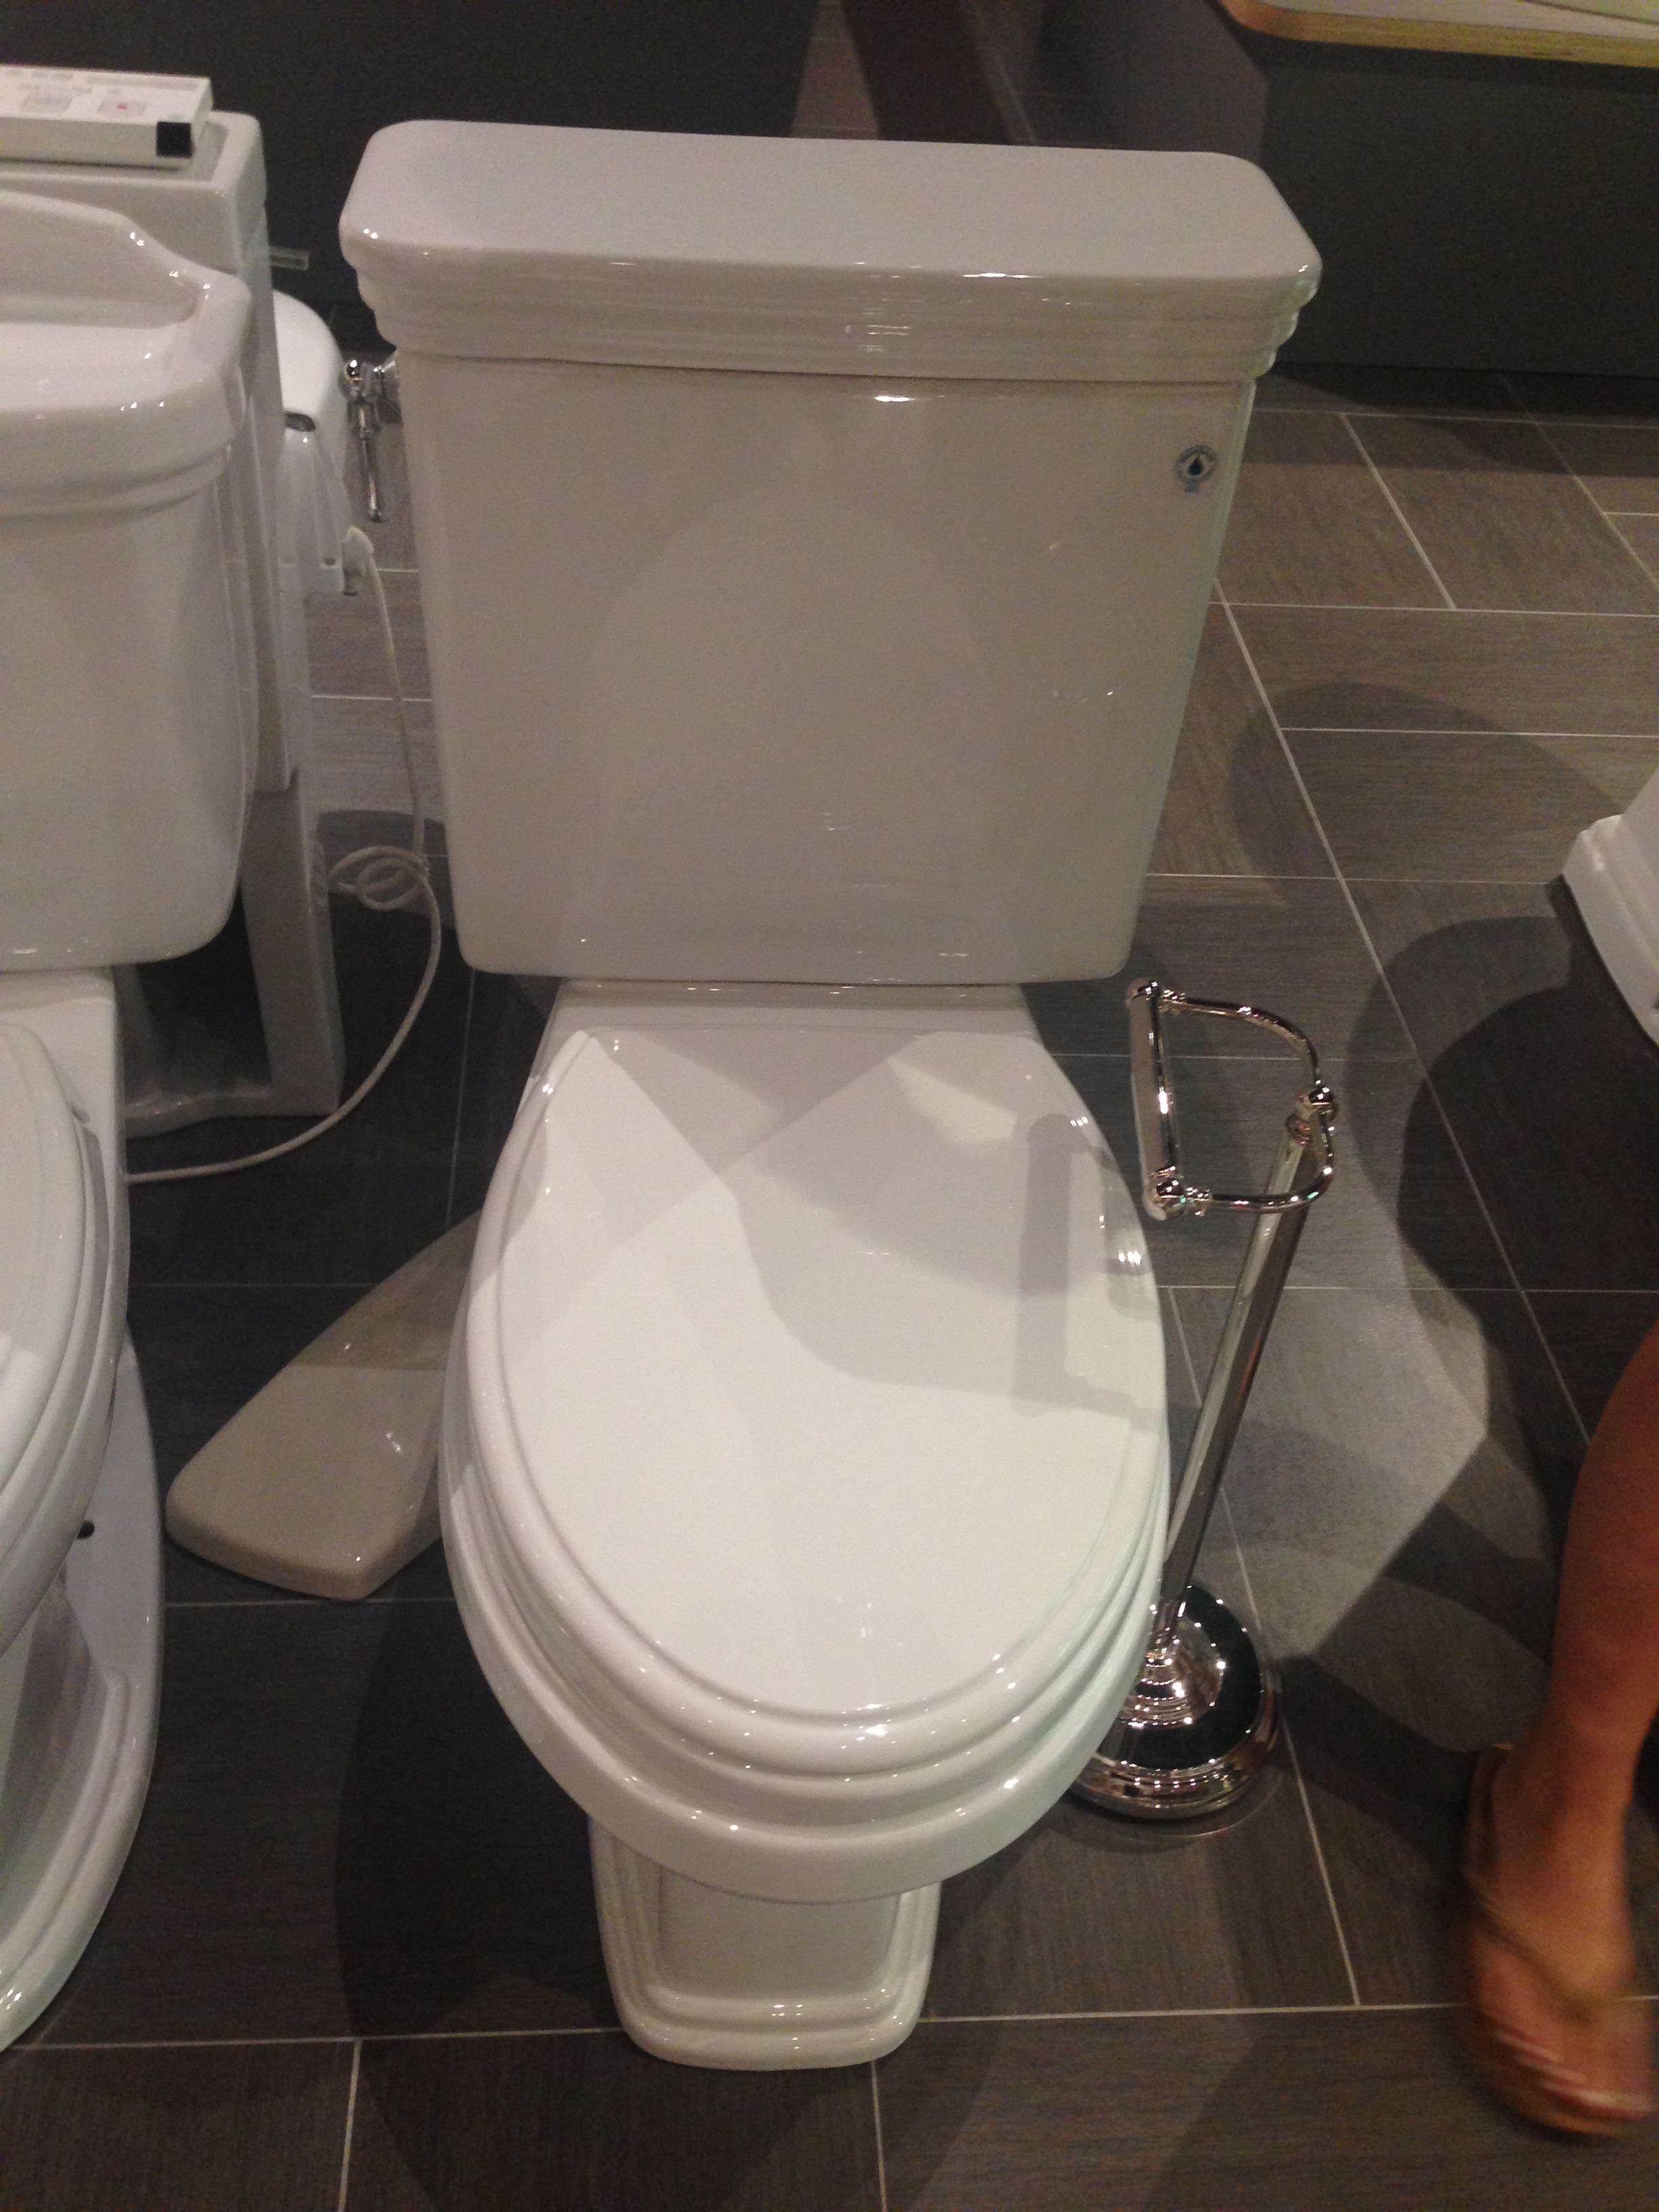 Toto toilet for girls/master. Higher back. | plumbing | Pinterest ...